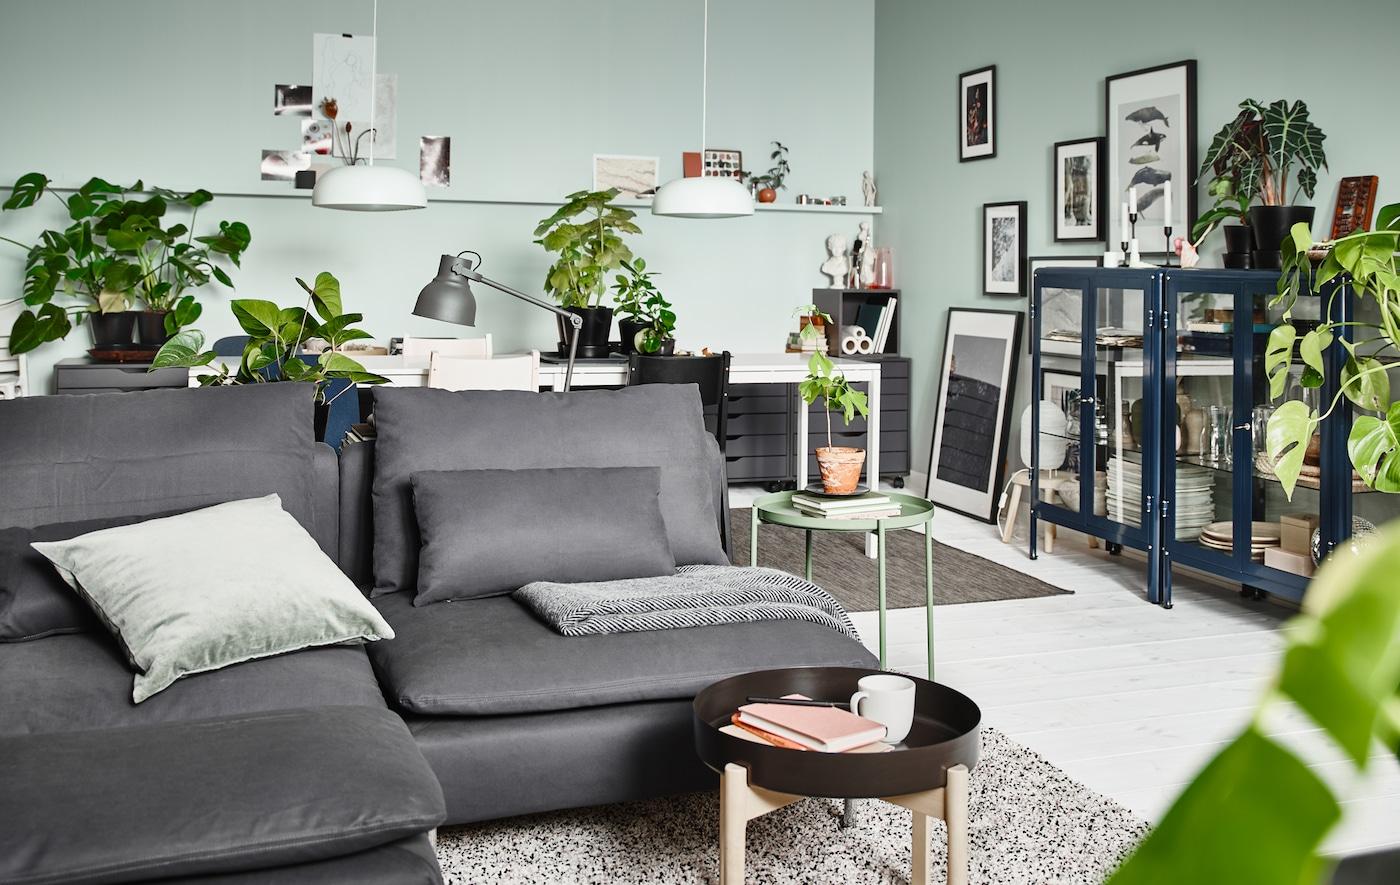 Un séjour de rêve imaginé pour IKEA par Therese Ericsson, décoratrice d'intérieur. Le résultat est une version conviviale et chaleureuse du look scandinave, généralement épuré, orchestrée autour de nombreux détails, d'objets de style fonctionnaliste (des années 1930 et 1960) et de pièces plus traditionnelles.